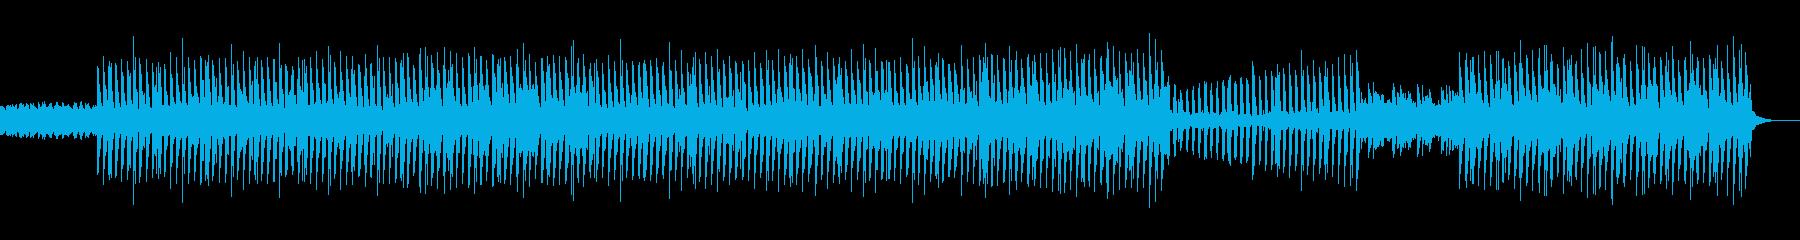 エレクトロニカダンスインストパルス...の再生済みの波形